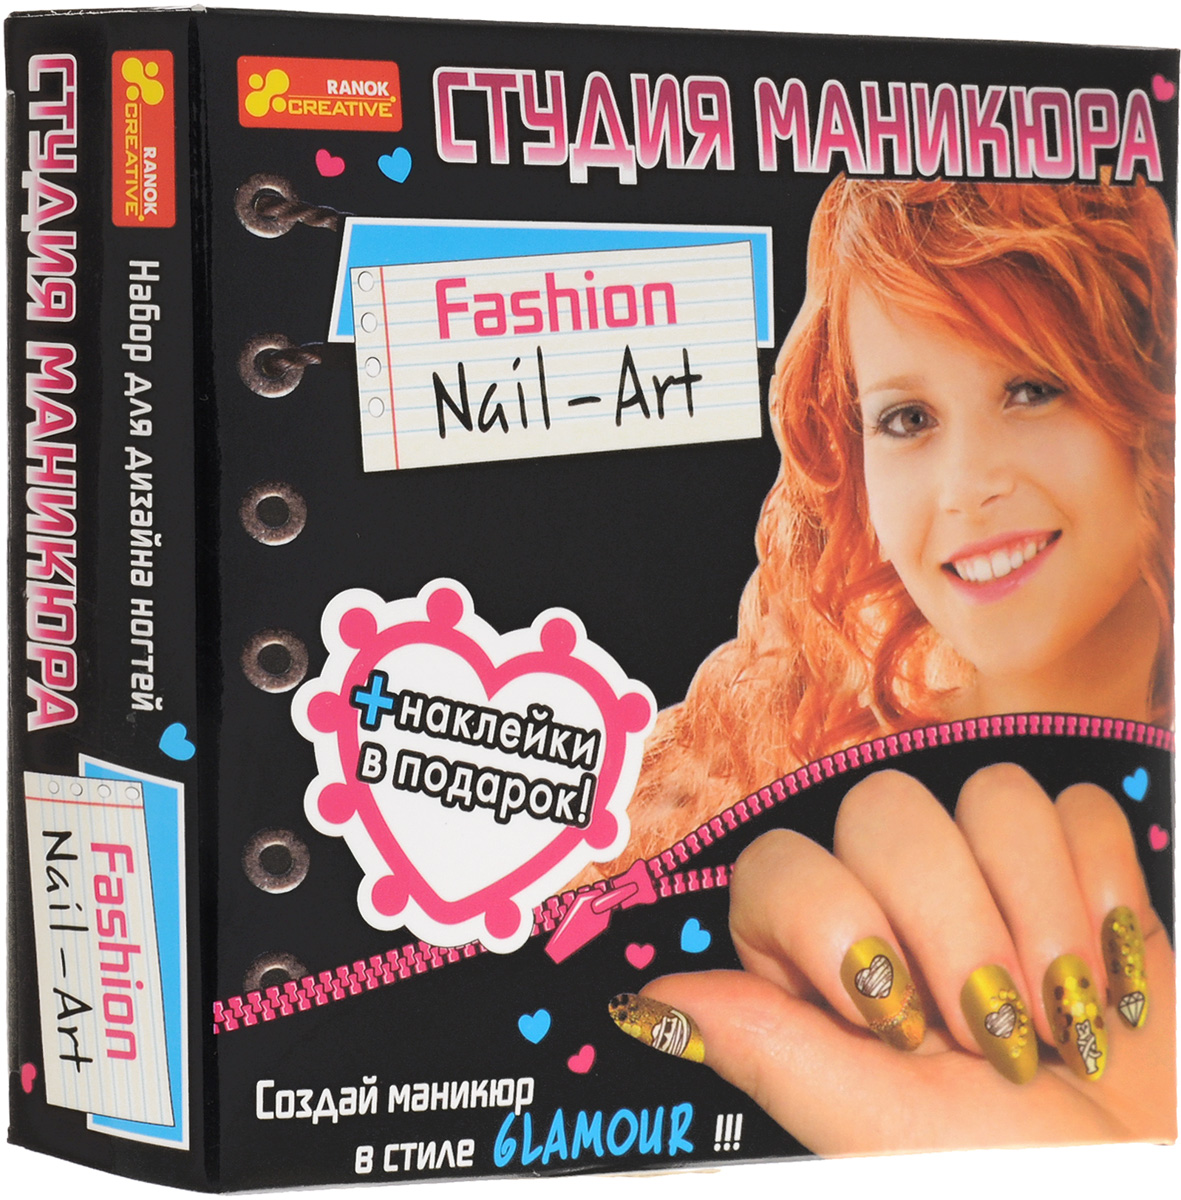 Ranok Набор для нейл-арта Студия маникюра GlamourUPT 122Разнообразные образцы дизайна ногтей, ценные советы, множество декоративных элементов, входящих в набор, - благодаря всему этому можно самостоятельно сделать потрясающий маникюр!